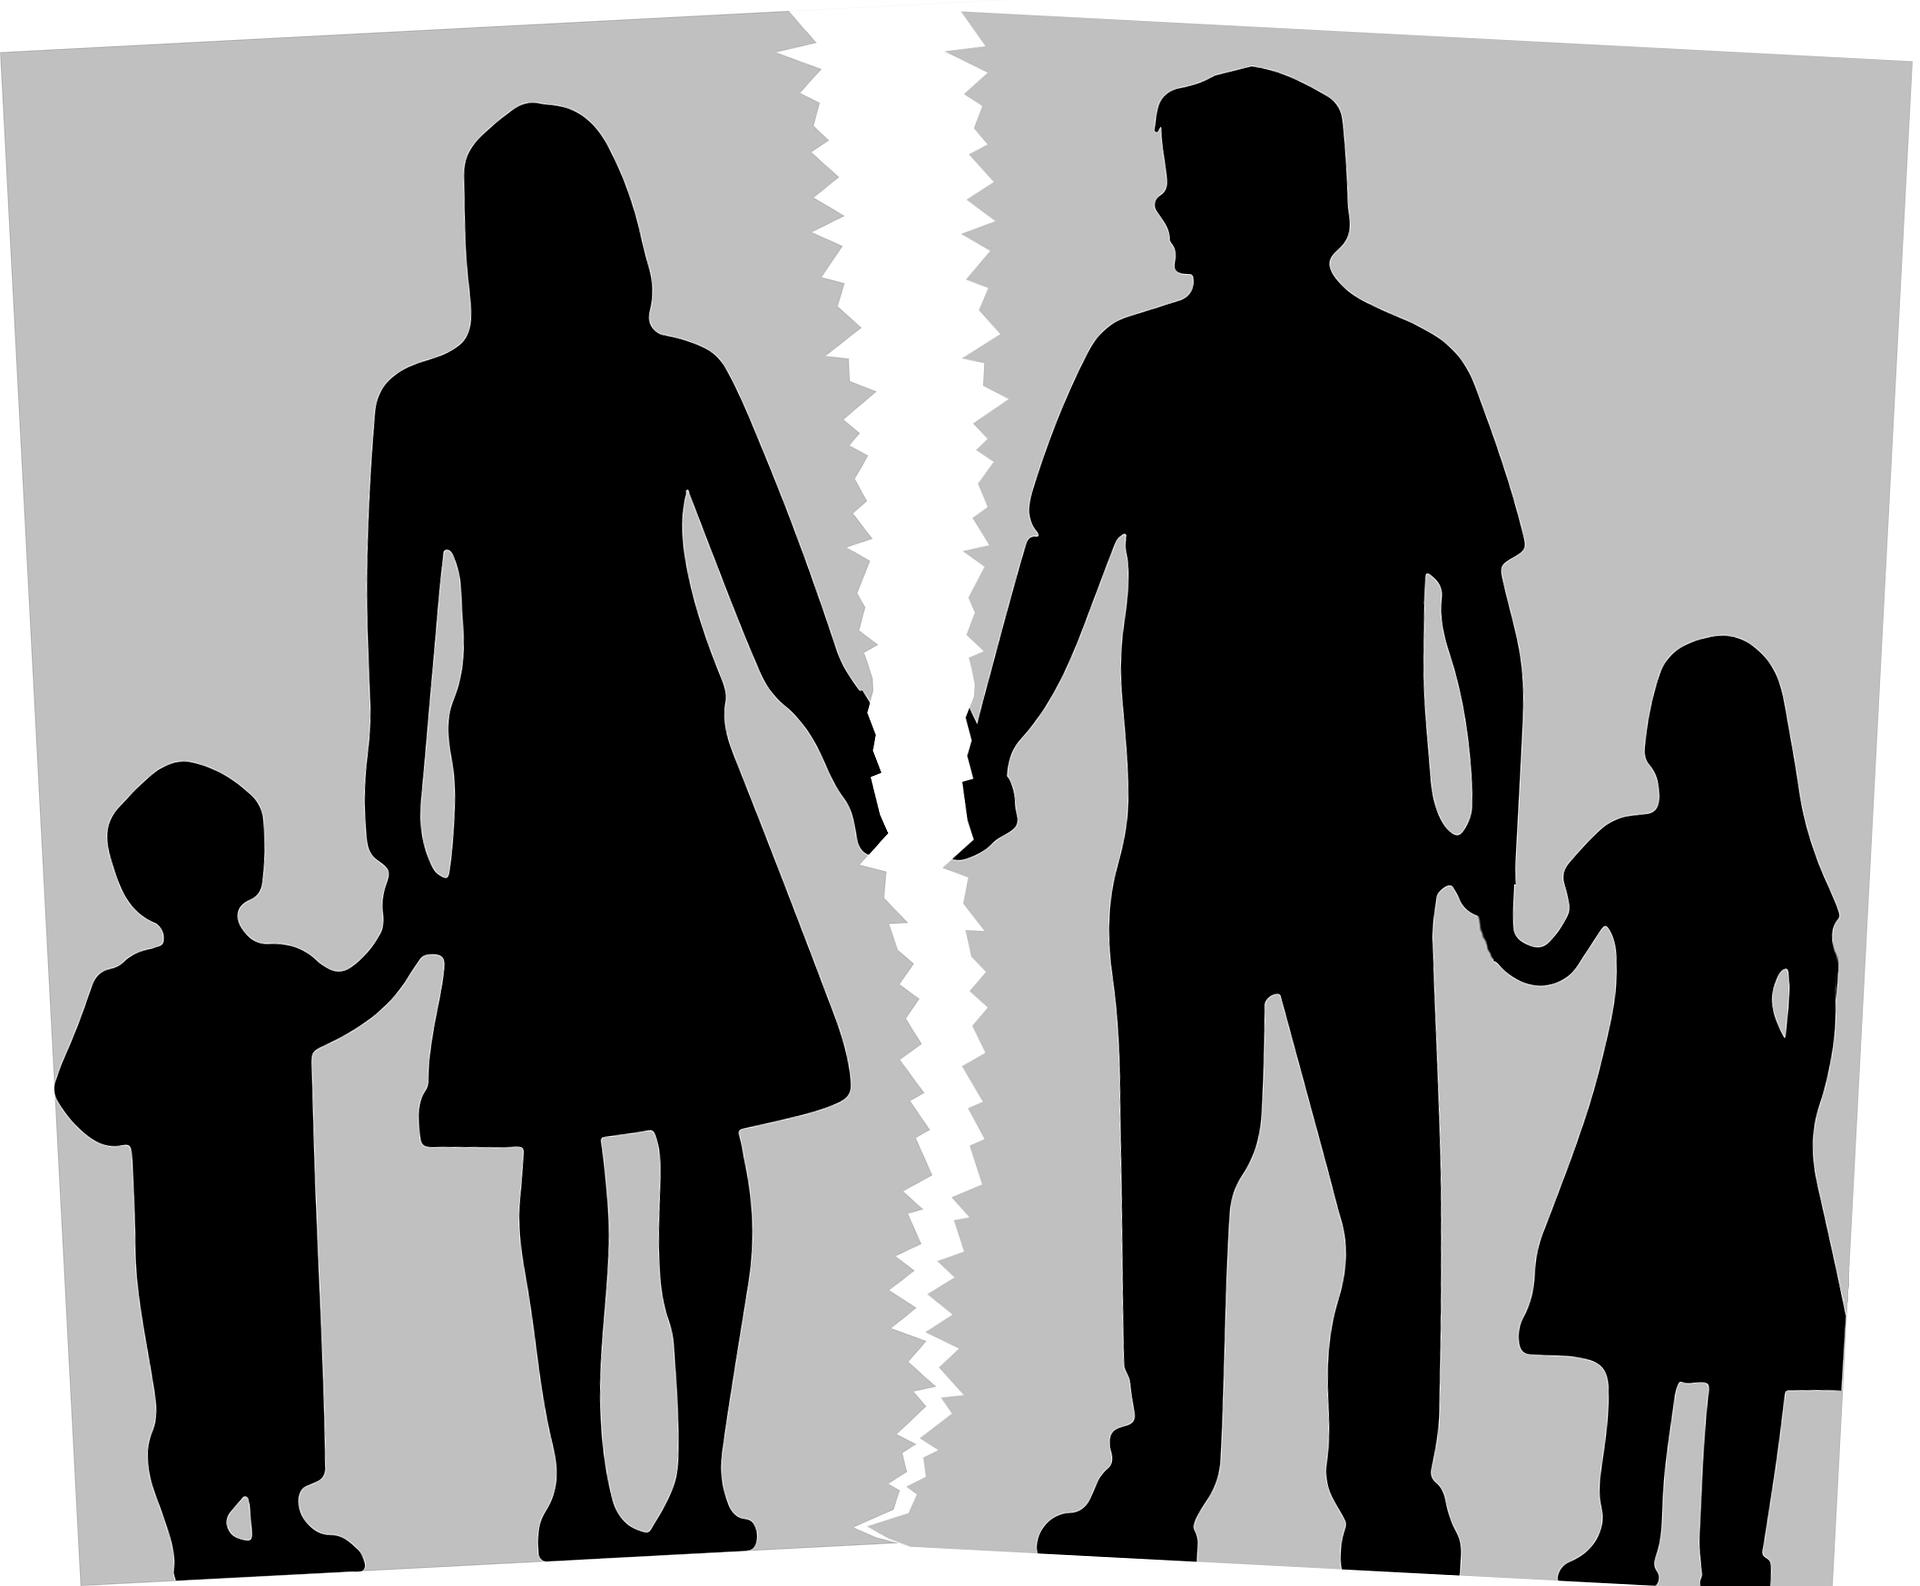 ظاهرة-الطلاق-في-الخليج-بين-التهوين-والتهويل2